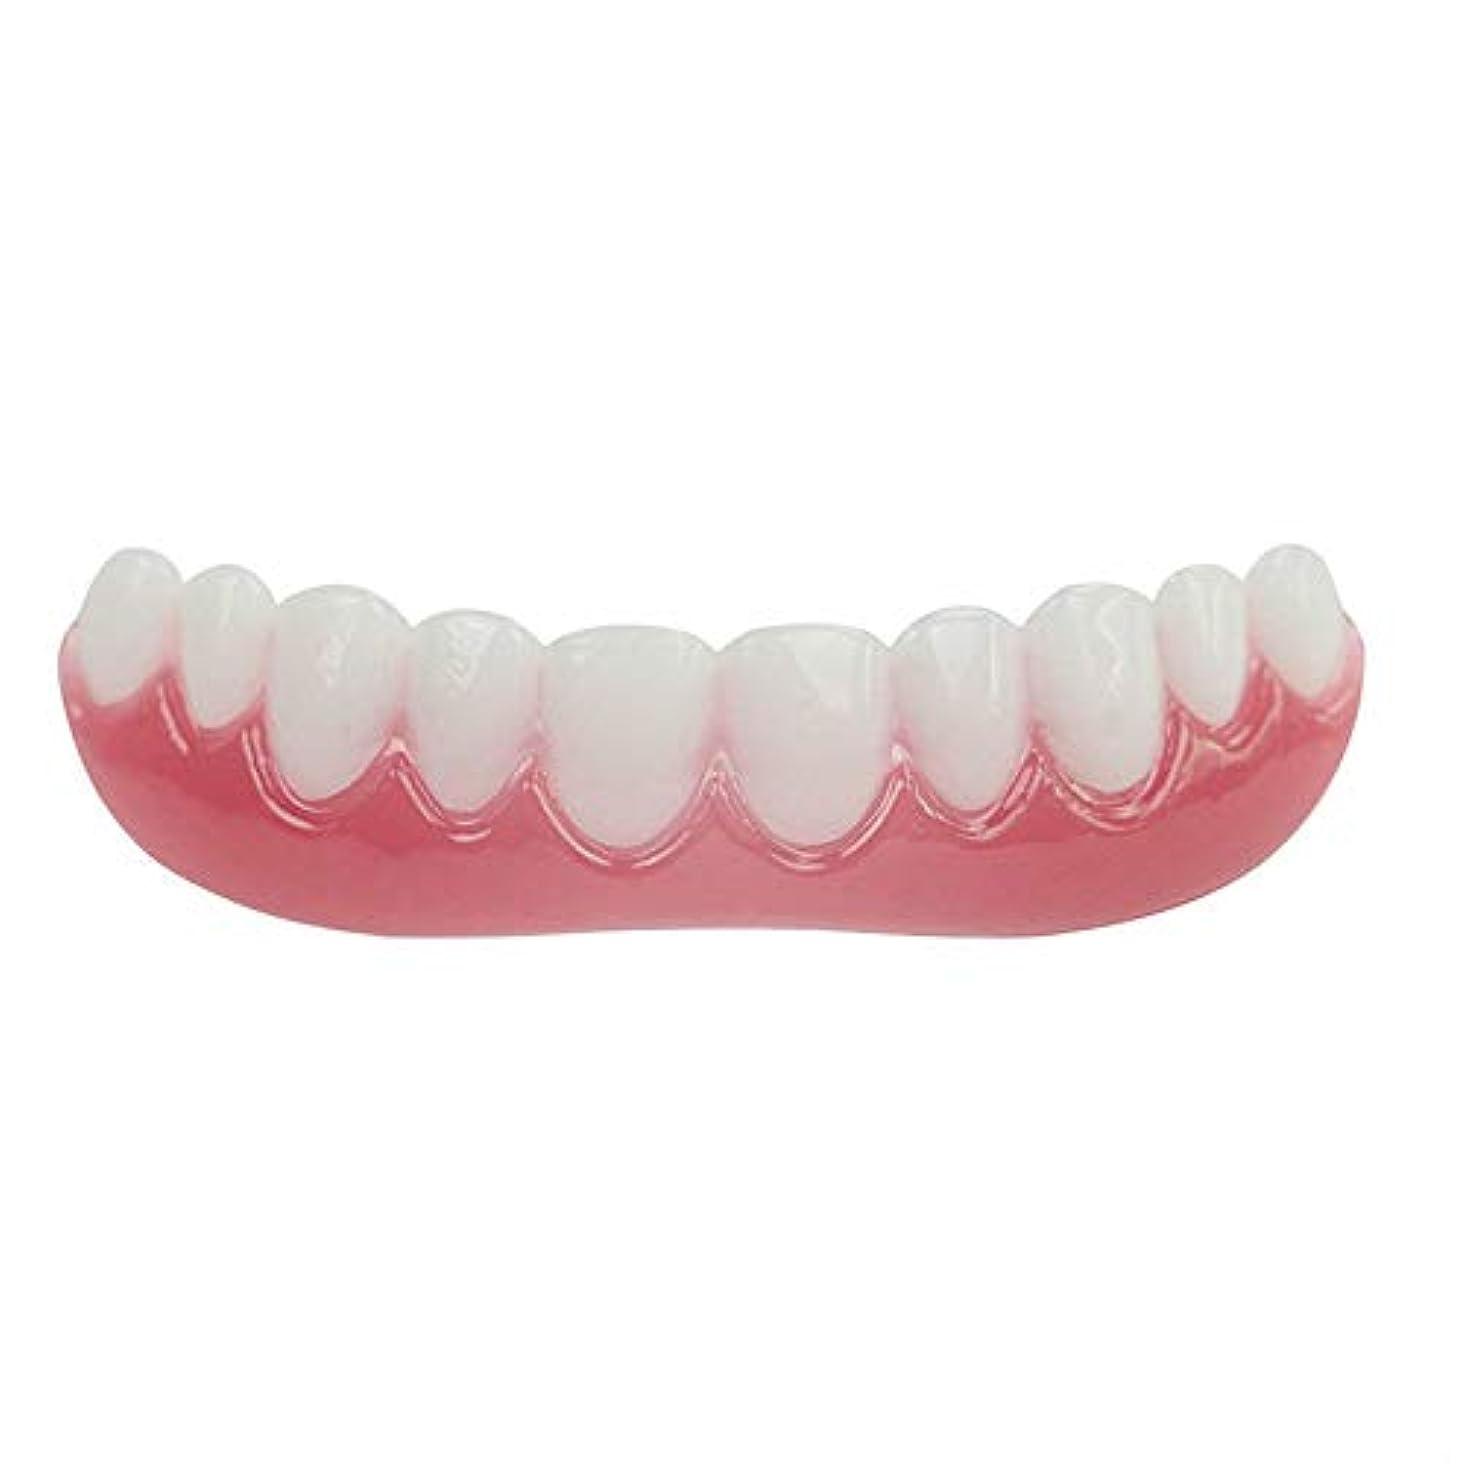 お金ラフト悪質なシリコンシミュレーション義歯、歯科用ベニヤホワイトトゥースセット(1個),Boxed,Lower